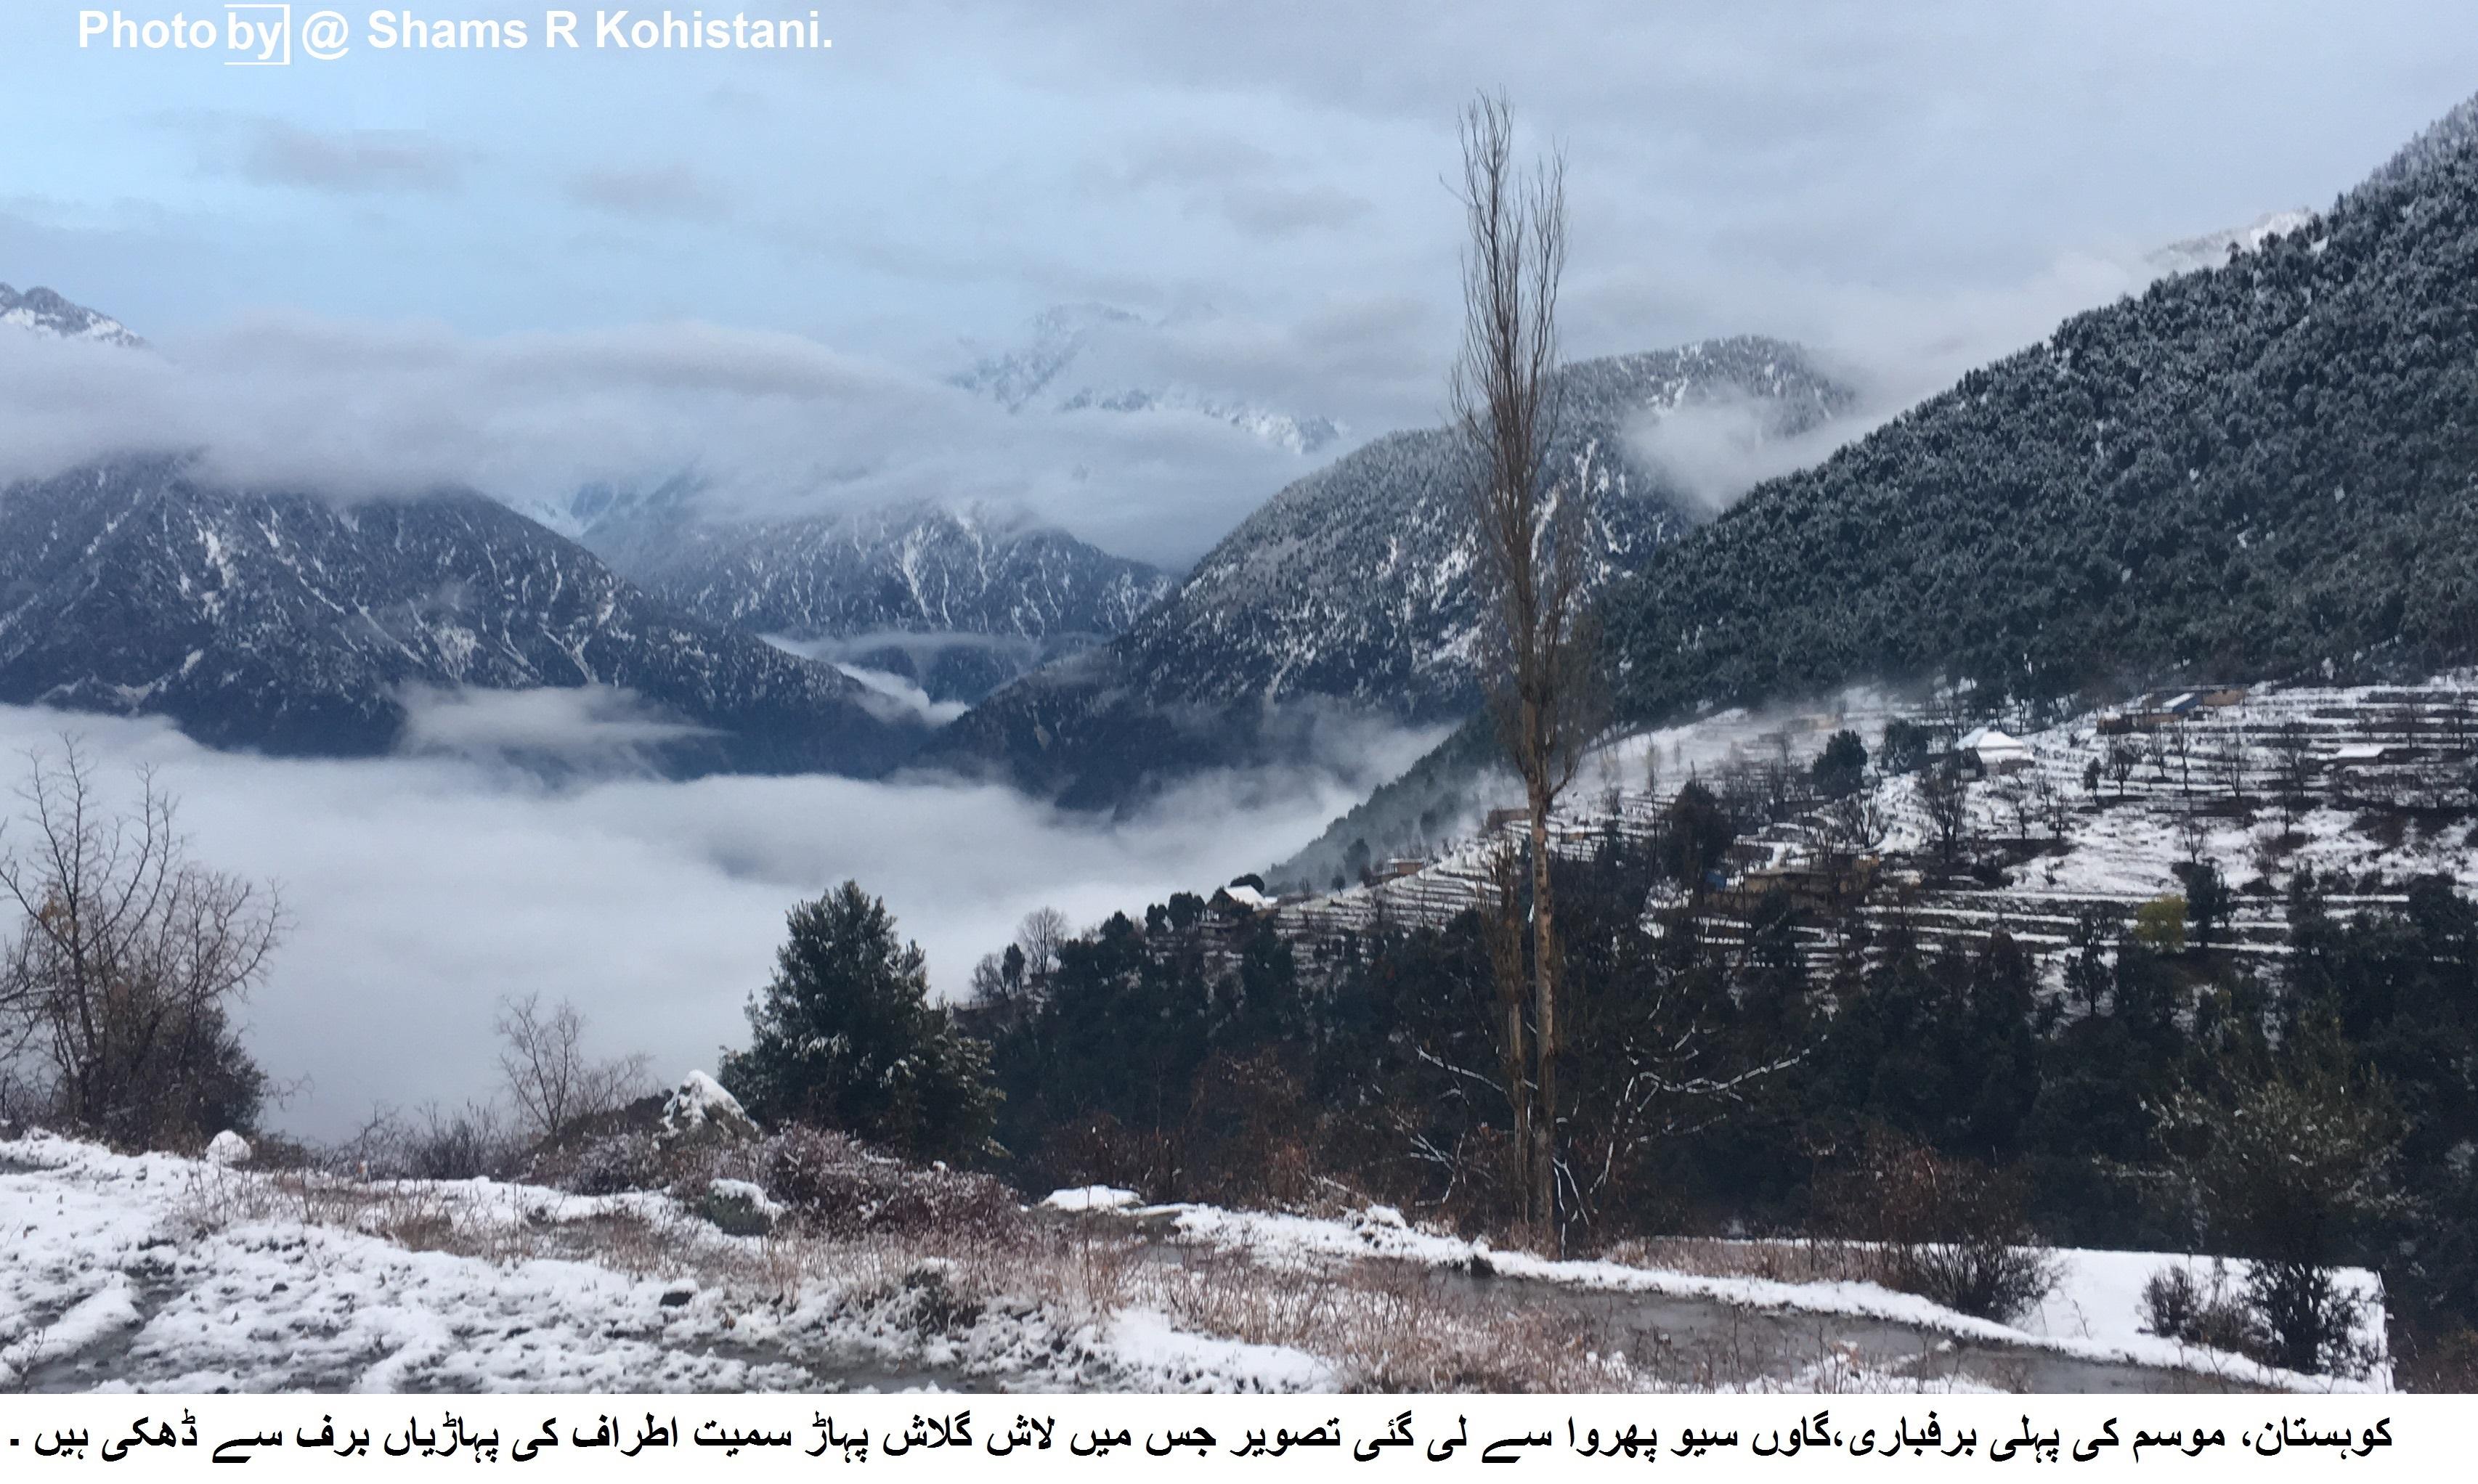 ضلع کوہستان میں برفباری اور بارشوں کا سلسلہ جاری